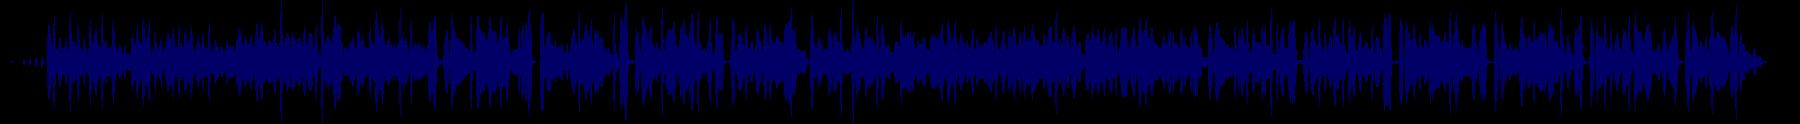 waveform of track #39285